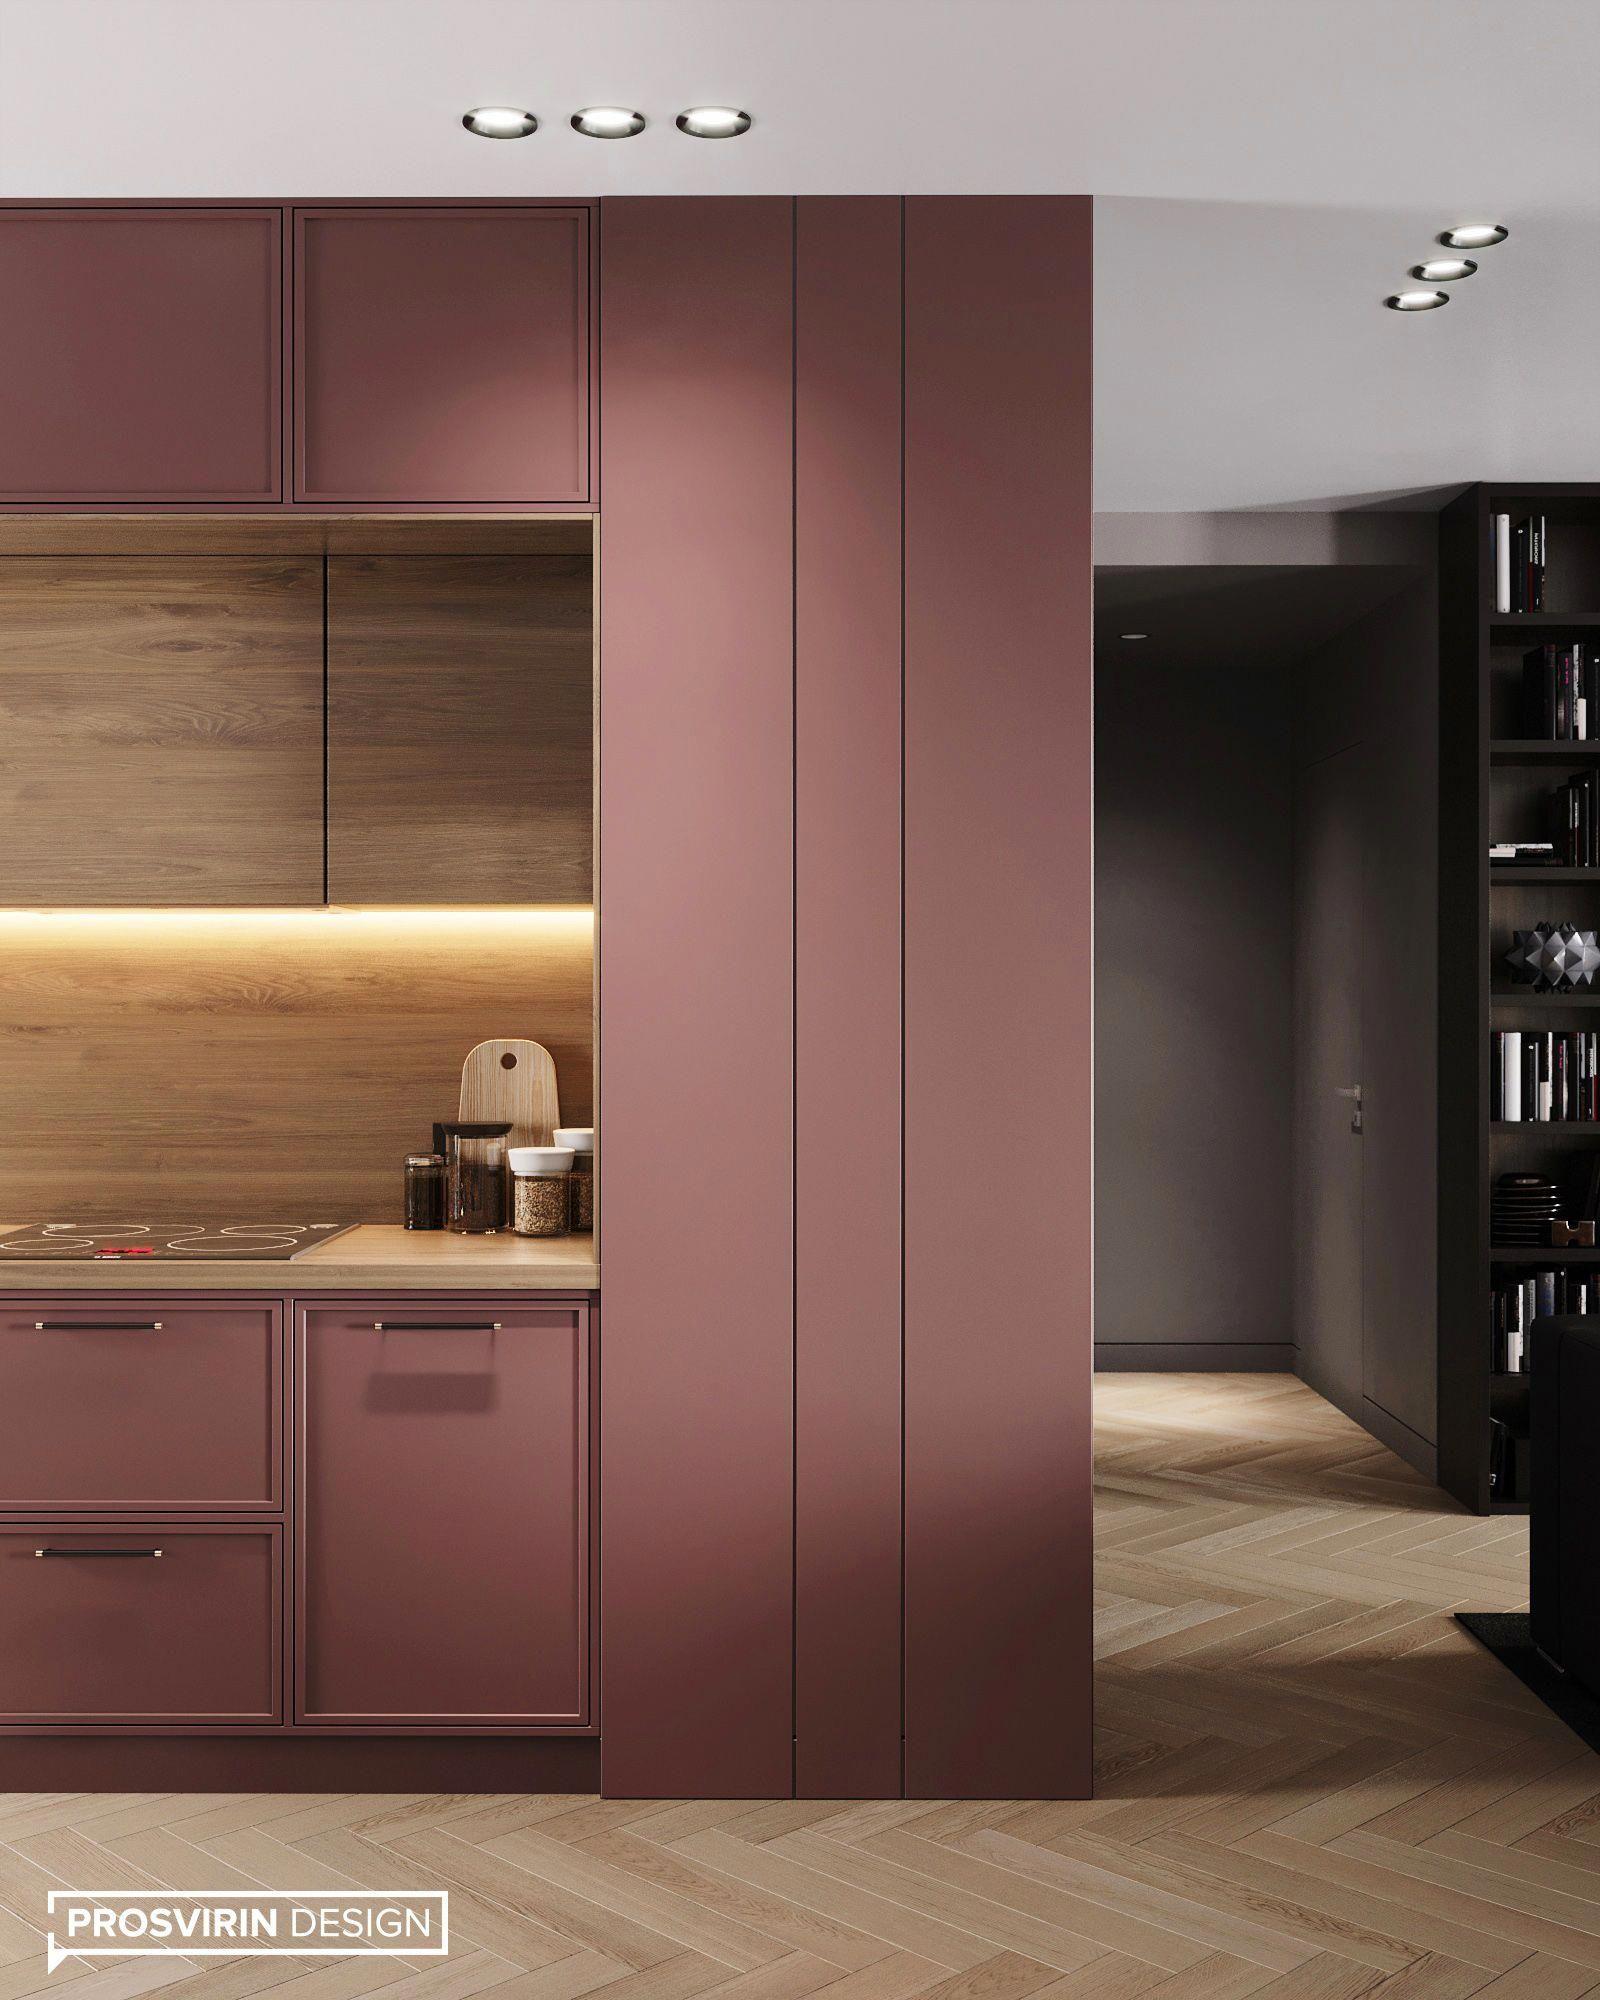 kitchen, wooden floor, pink smooth and modern cabinet, wooden bakcplash